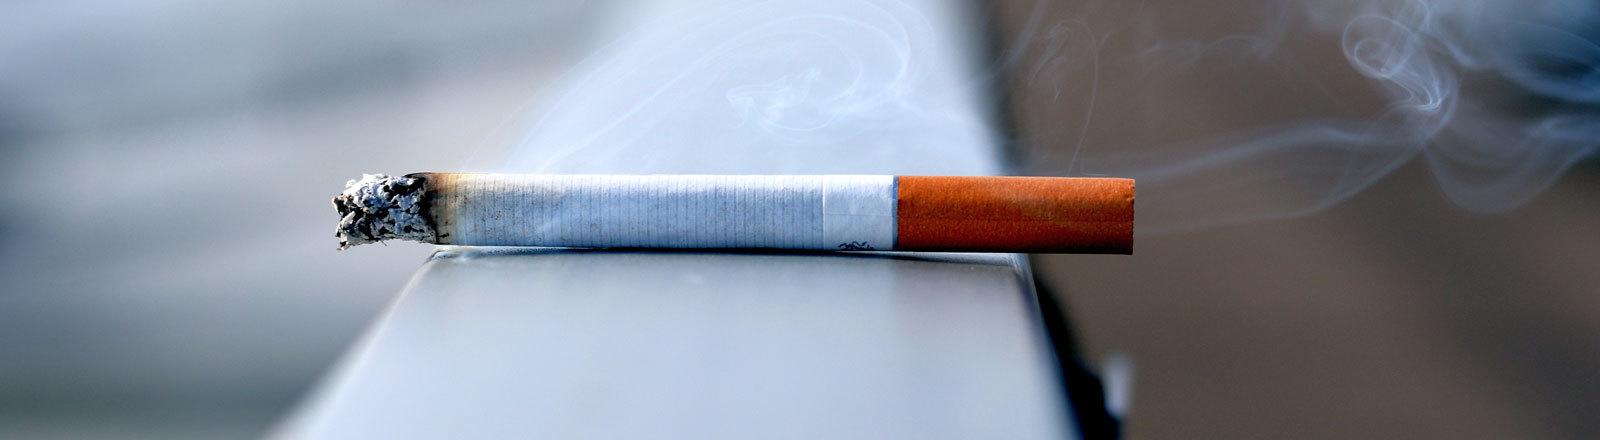 Eine Zigarette liegt qualmend auf einem Geländer.